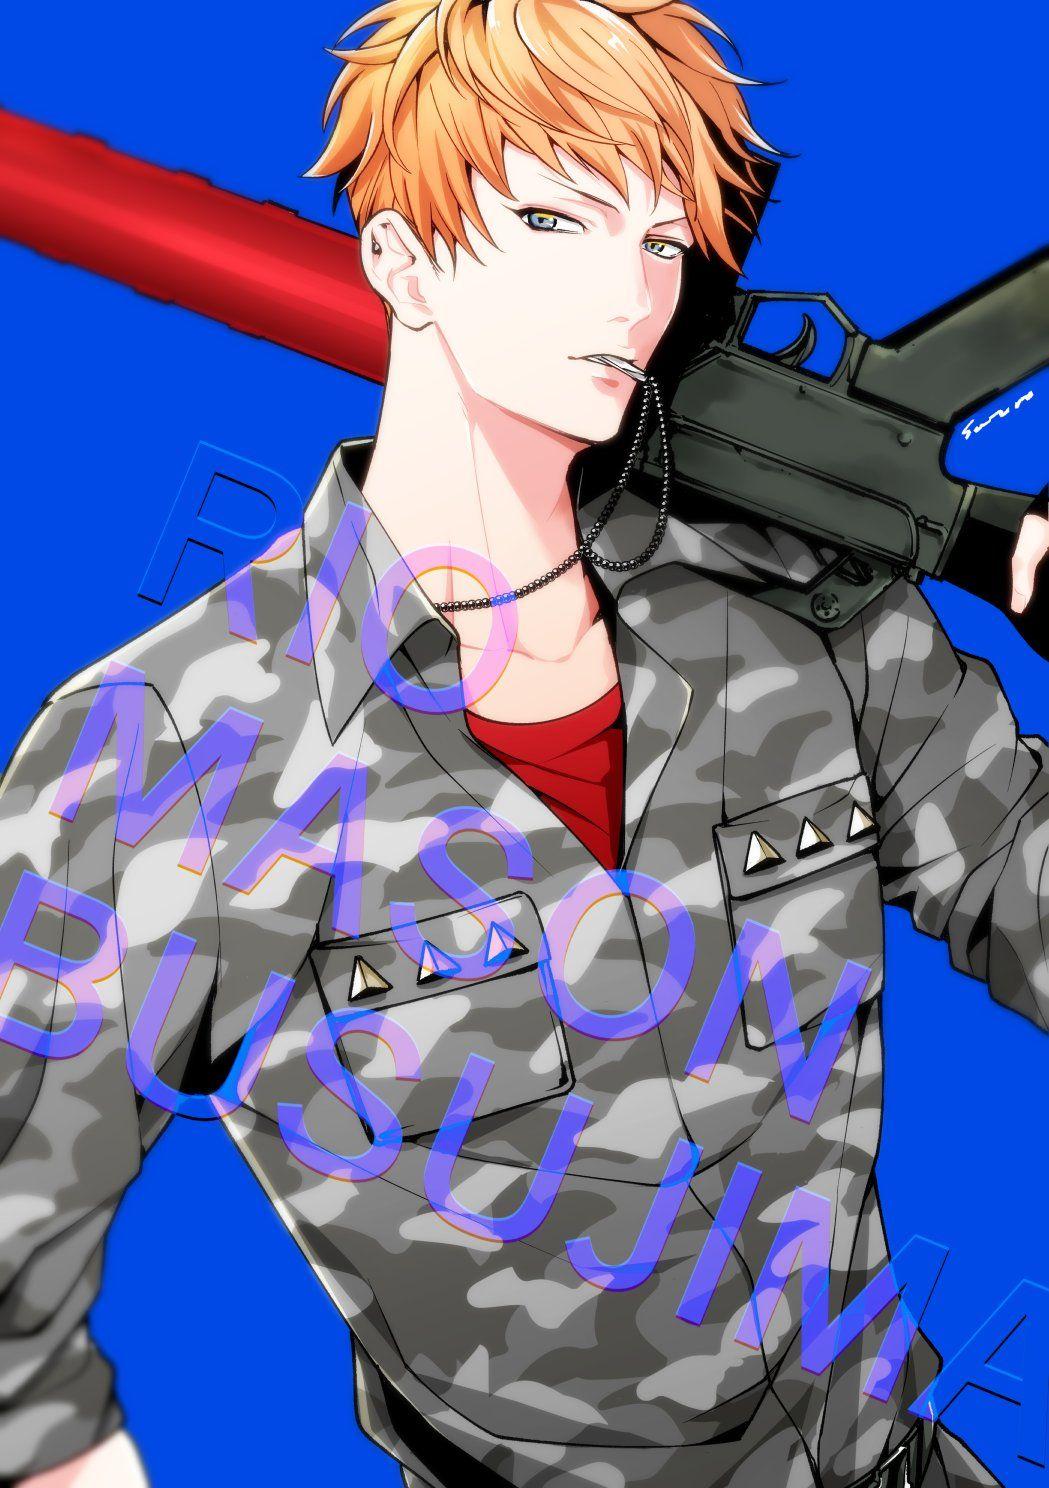 さとろう🍎🍏 on in 2020 Cute anime boy, Anime guys, Anime